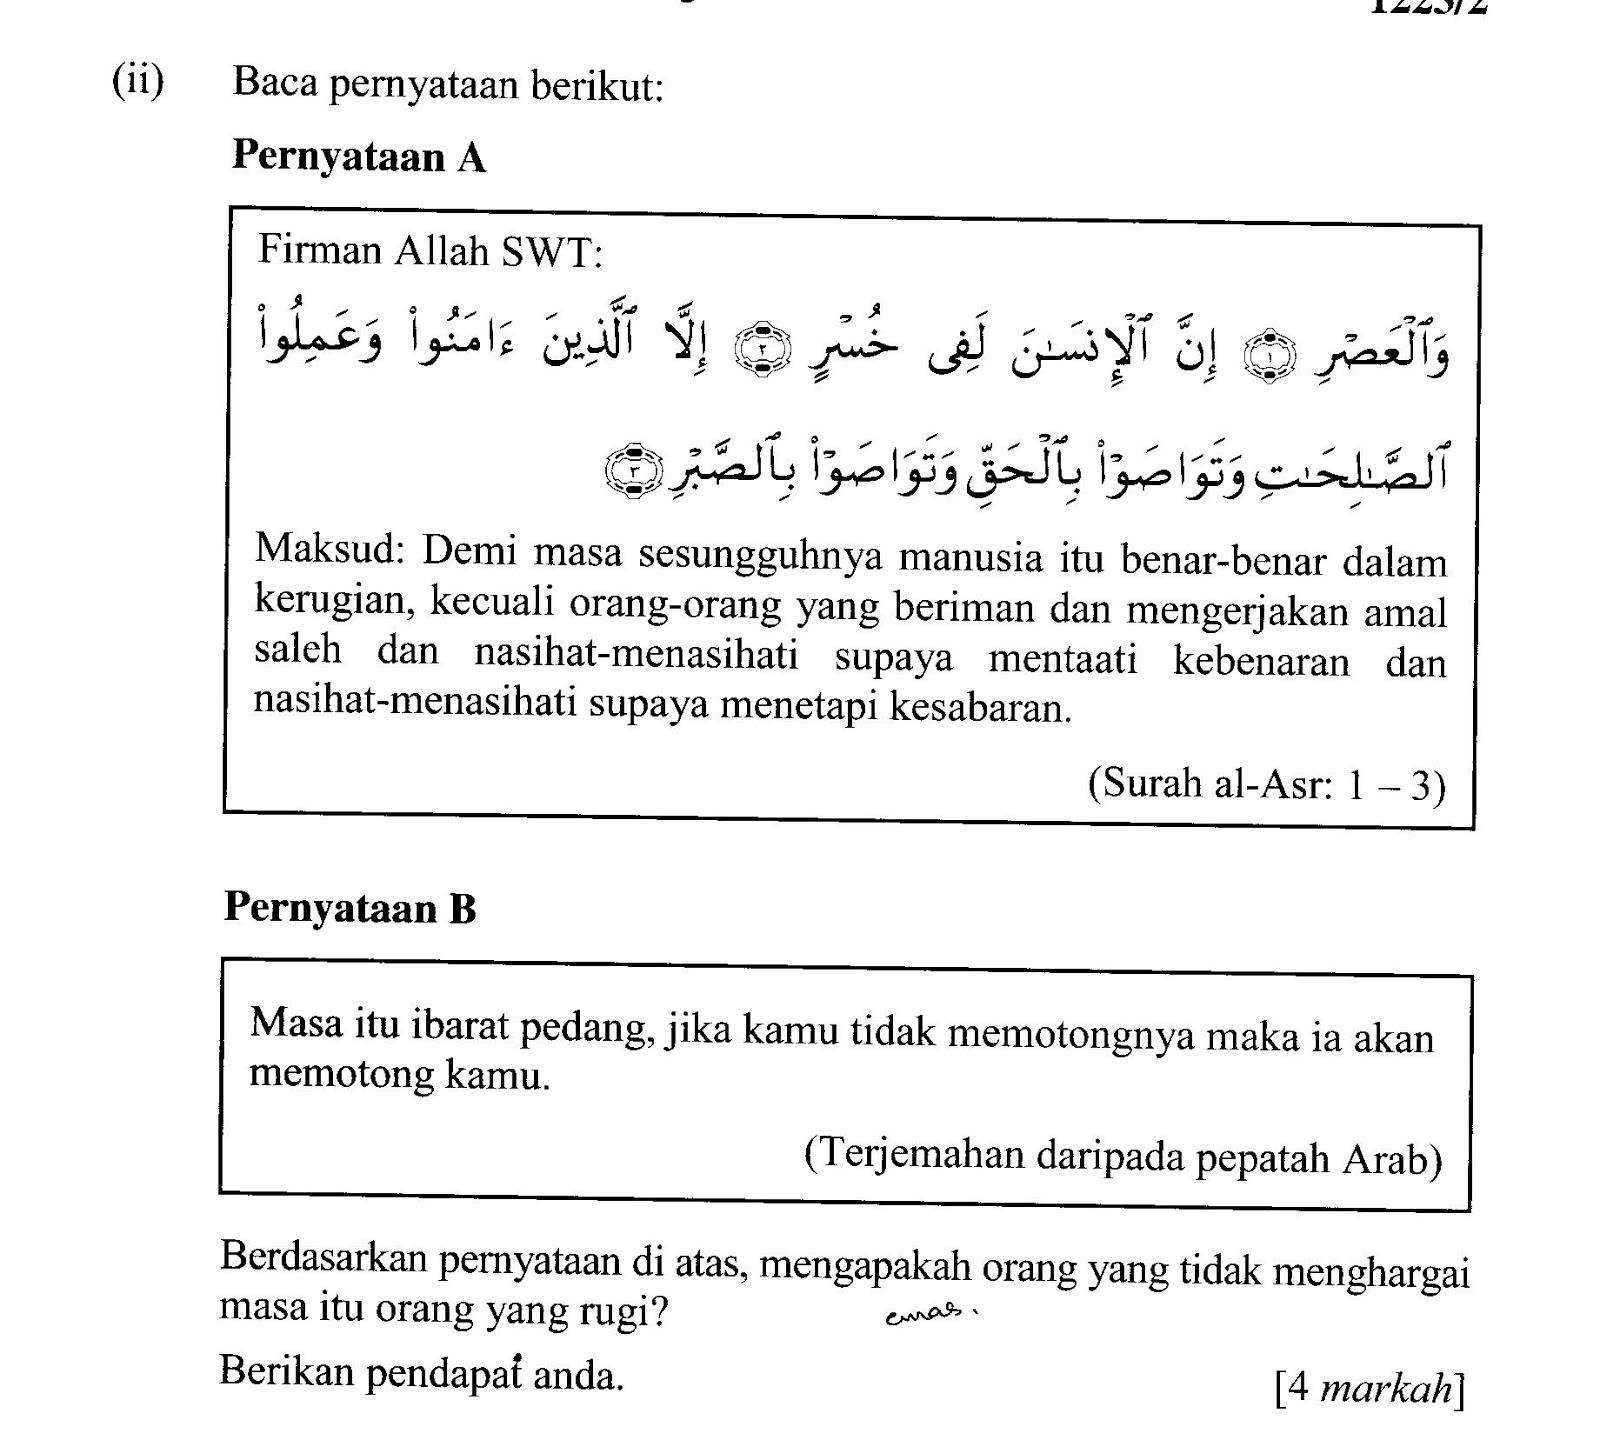 Download Rpt Pendidikan islam Tingkatan 4 Bermanfaat Kalam Diri Tapak Jawapan K B A T Of Dapatkan Rpt Pendidikan islam Tingkatan 4 Yang Dapat Di Download Dengan Mudah